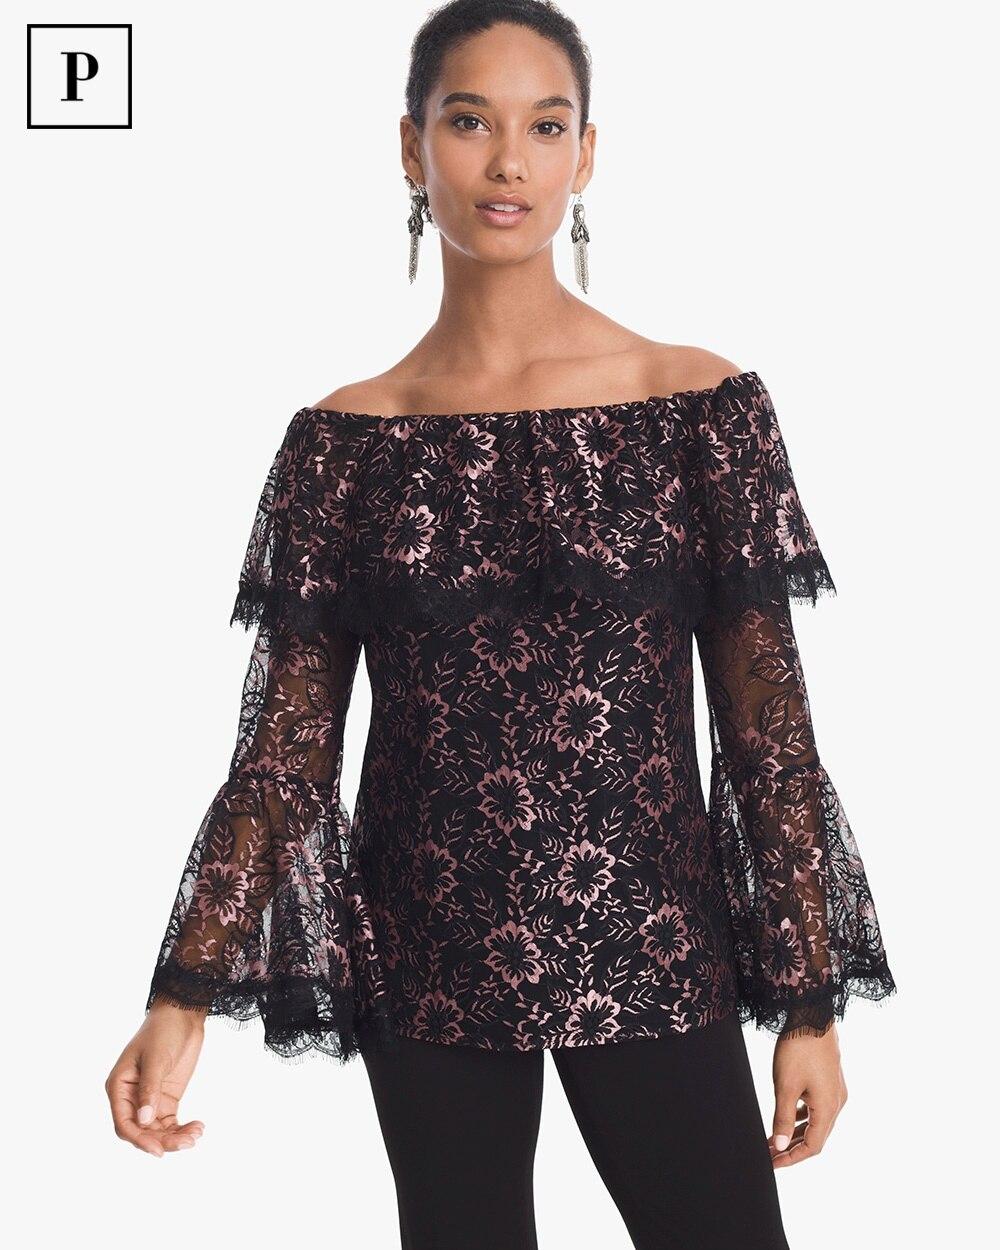 26498d769a169 Petite Off-the-Shoulder Lace Top - White House Black Market